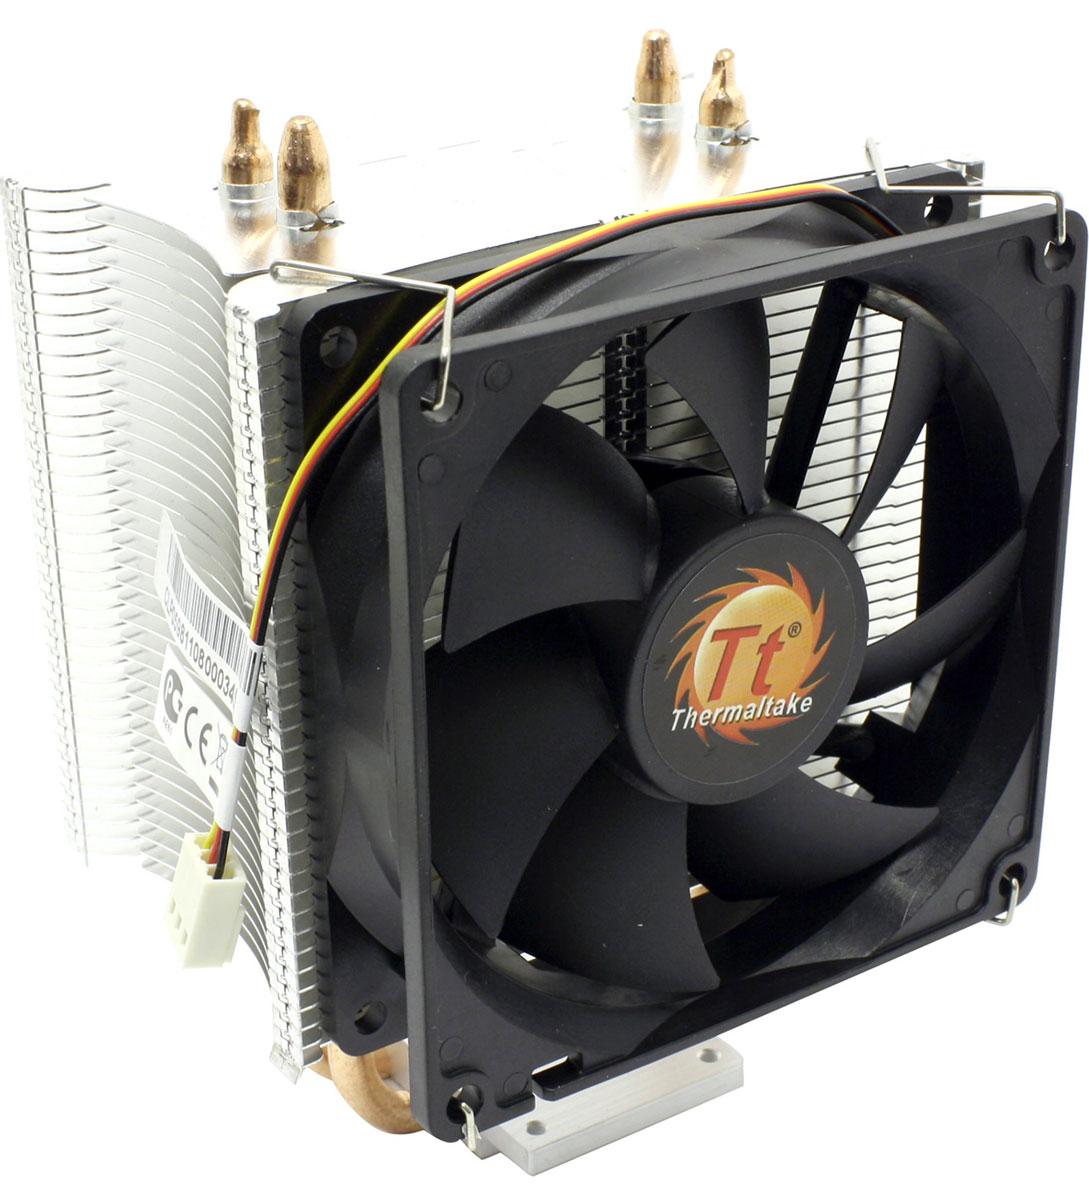 Thermaltake Contac 16 кулер компьютерныйCLP0598Кулер Thermaltake Contac 16 обеспечивает великолепную производительность, благодаря технологии прямого контакта.Две теплотрубки диаметром 6 мм обеспечивают хороший контакт с CPU и улучшают теплопередачу.Высококачественная термопаста обеспечивает высокую теплопередачу между поверхностью CPU и основанием кулера.Предустановленный 92 мм высокоэффективный вентиляторДополнительно прилагаются две крепежные клипсы для второго вентилятора